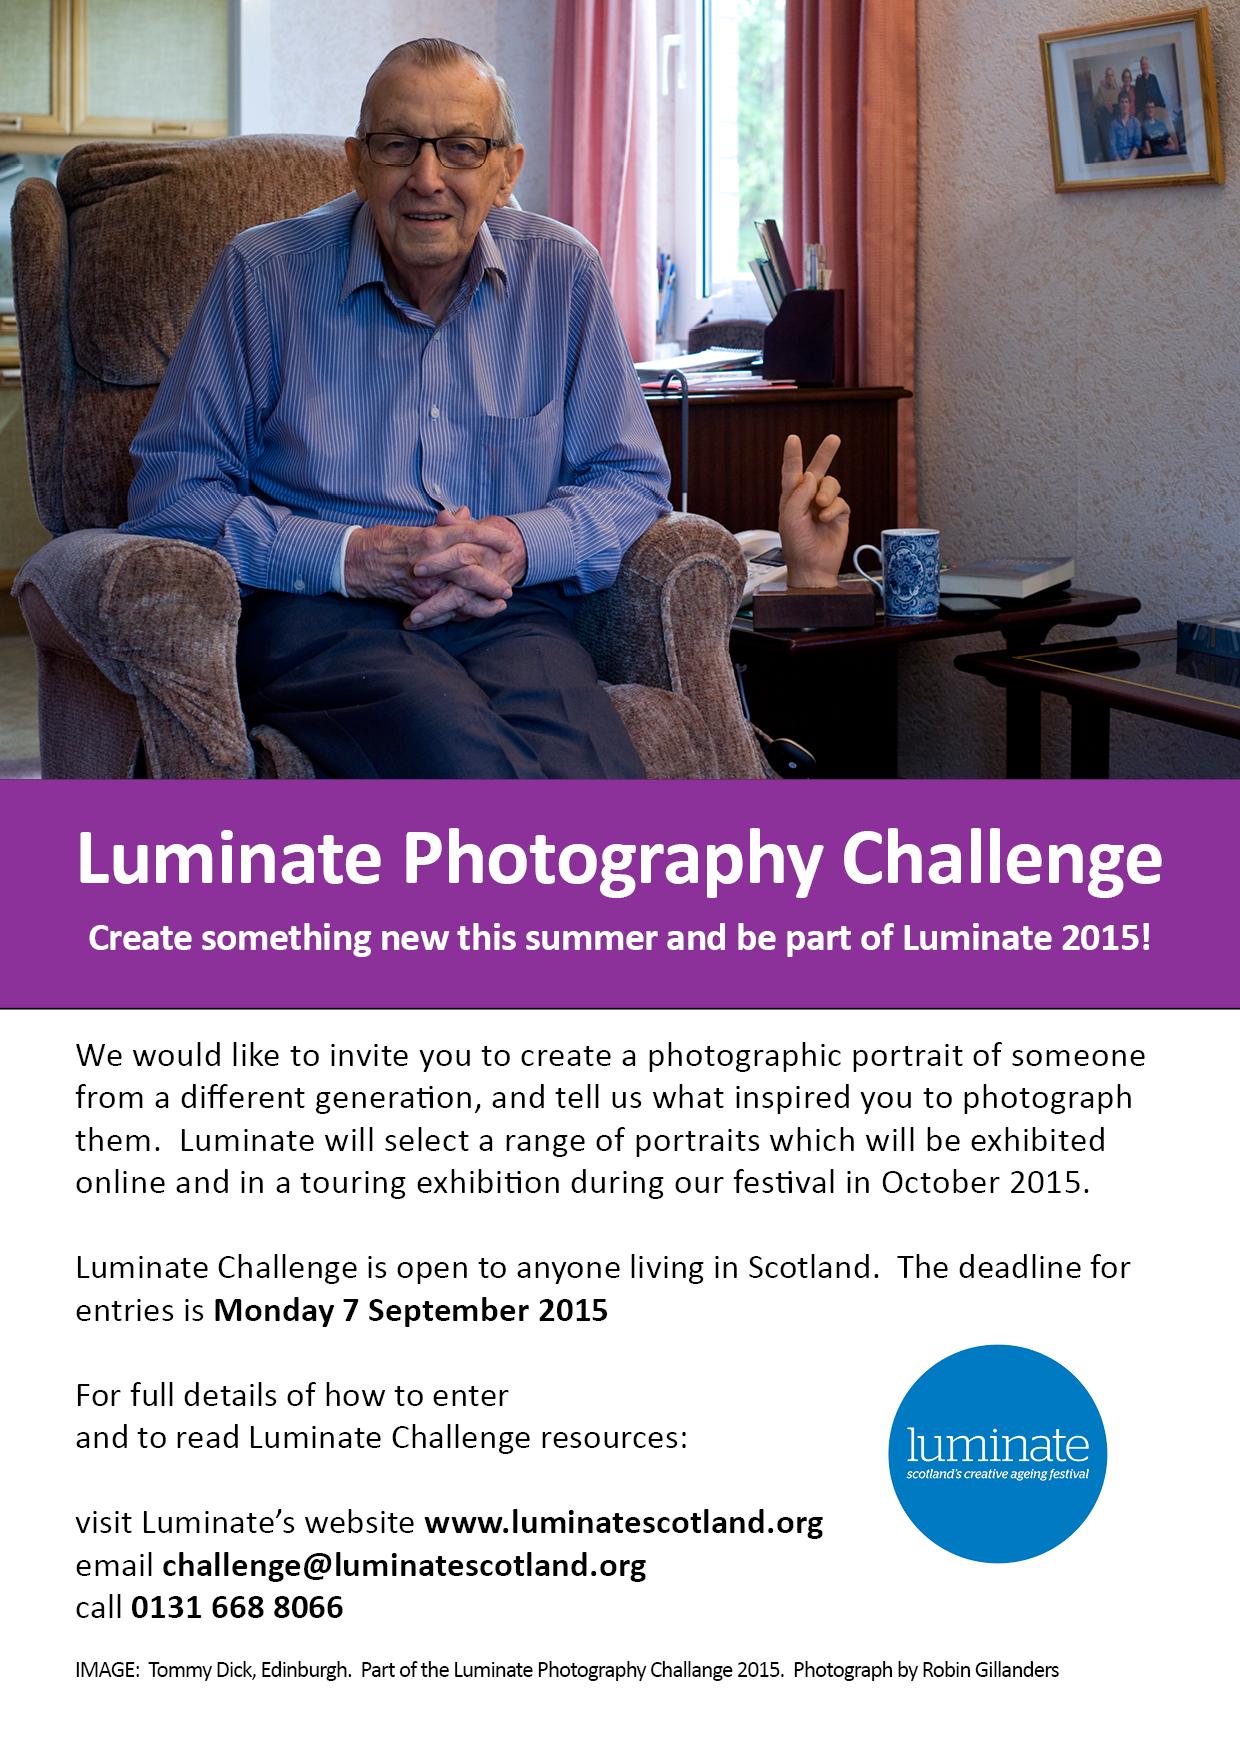 luminate poster small jpeg